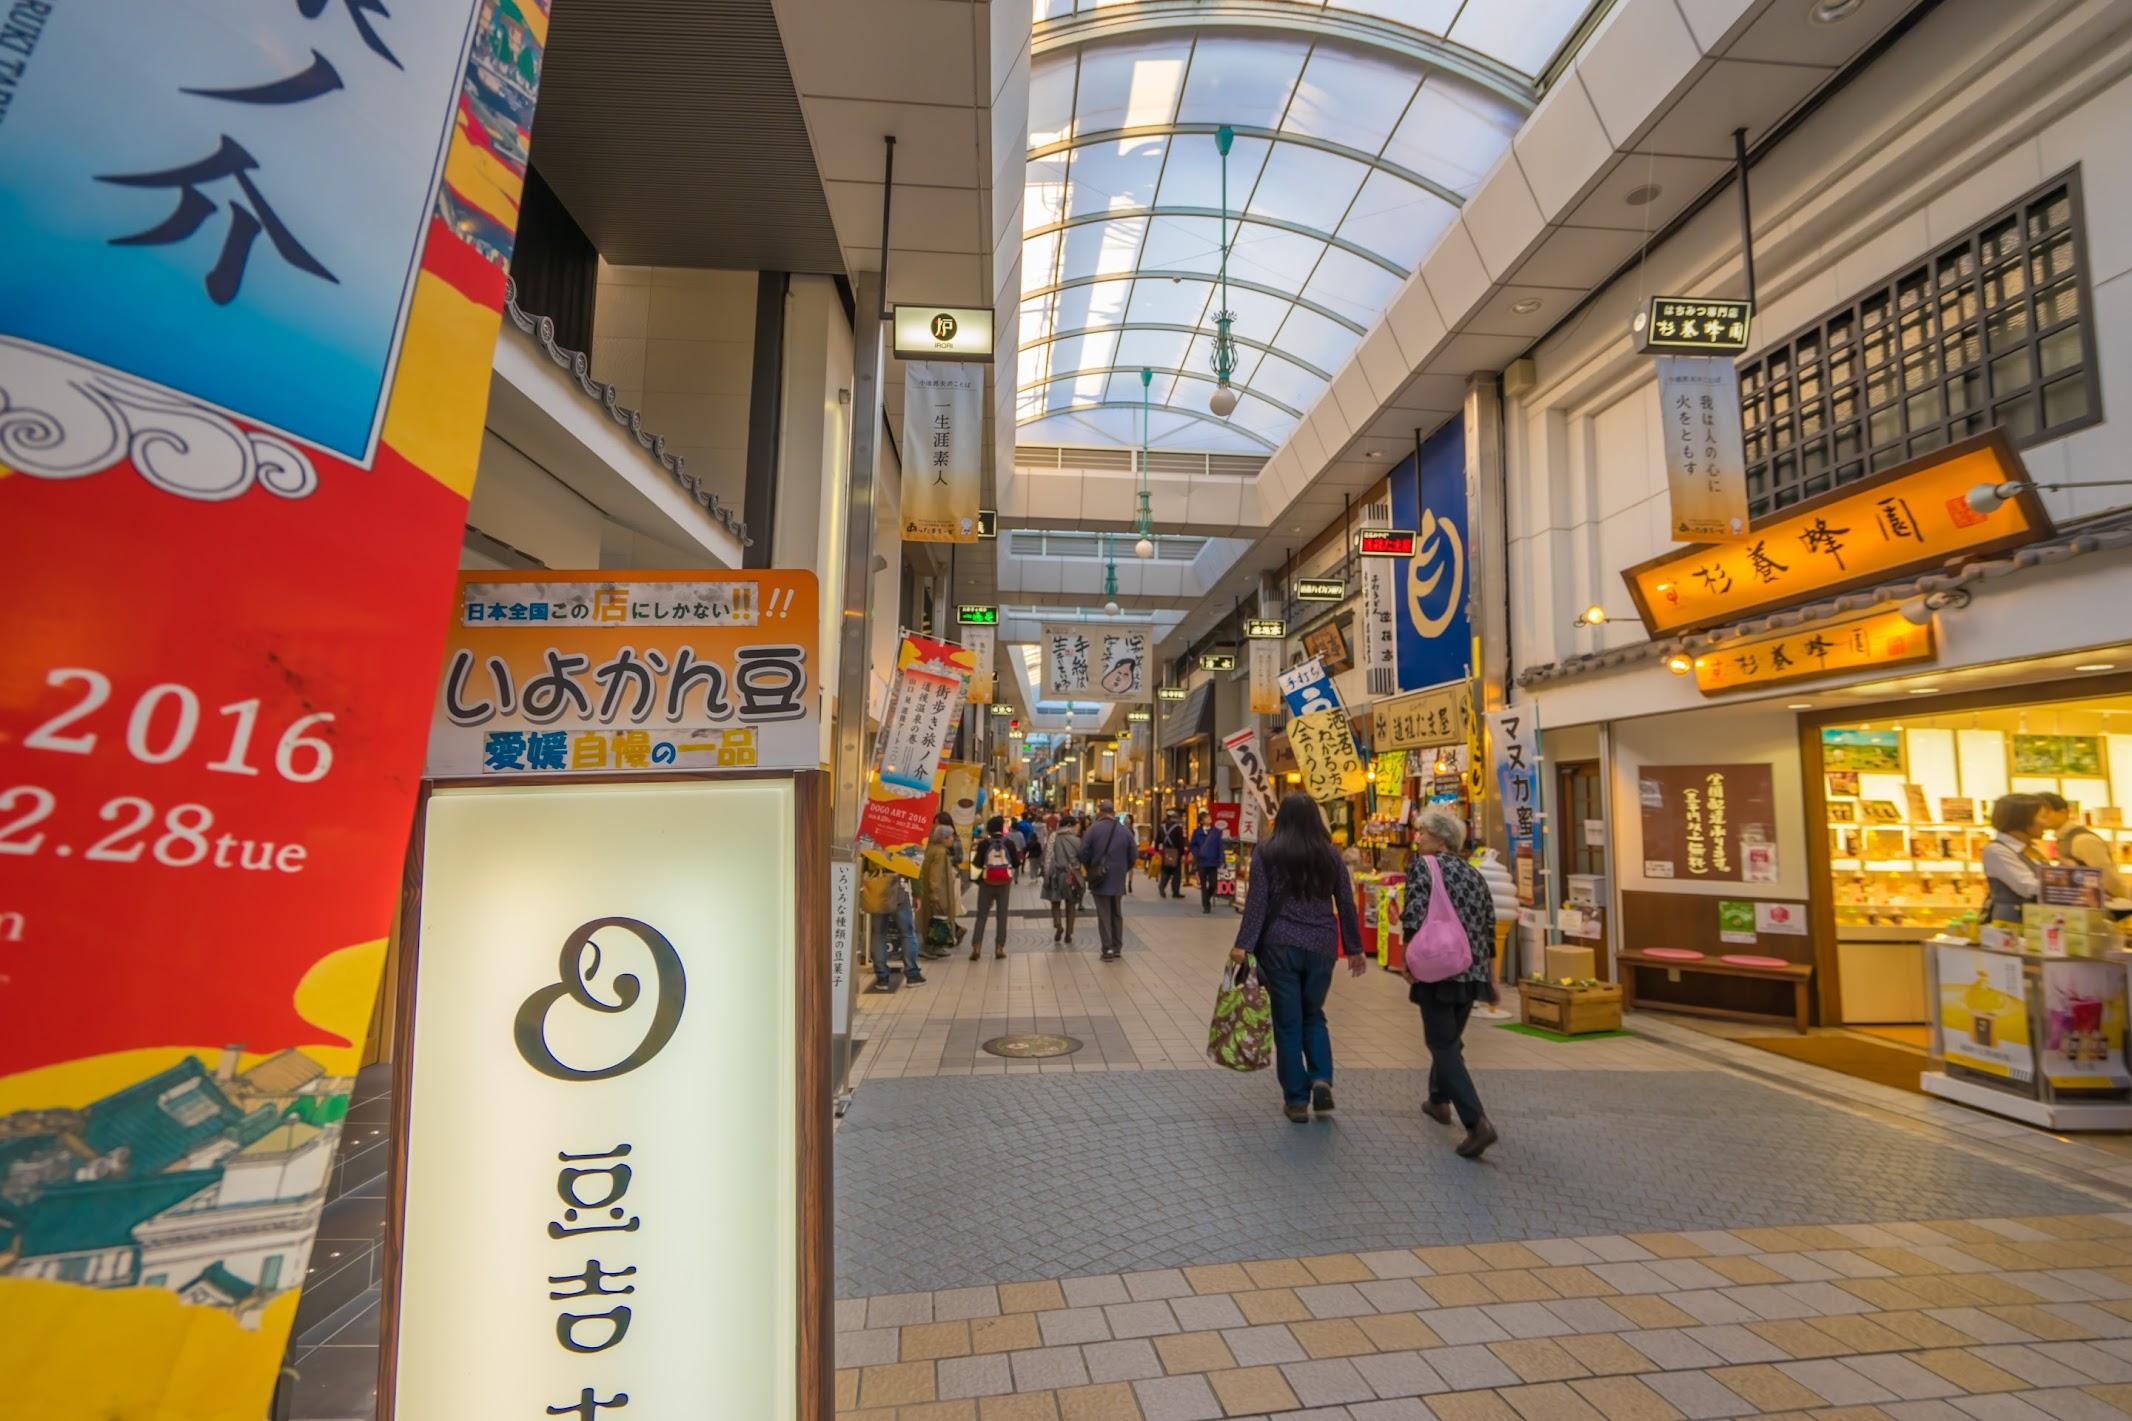 道後ハイカラ通り(道後商店街)2